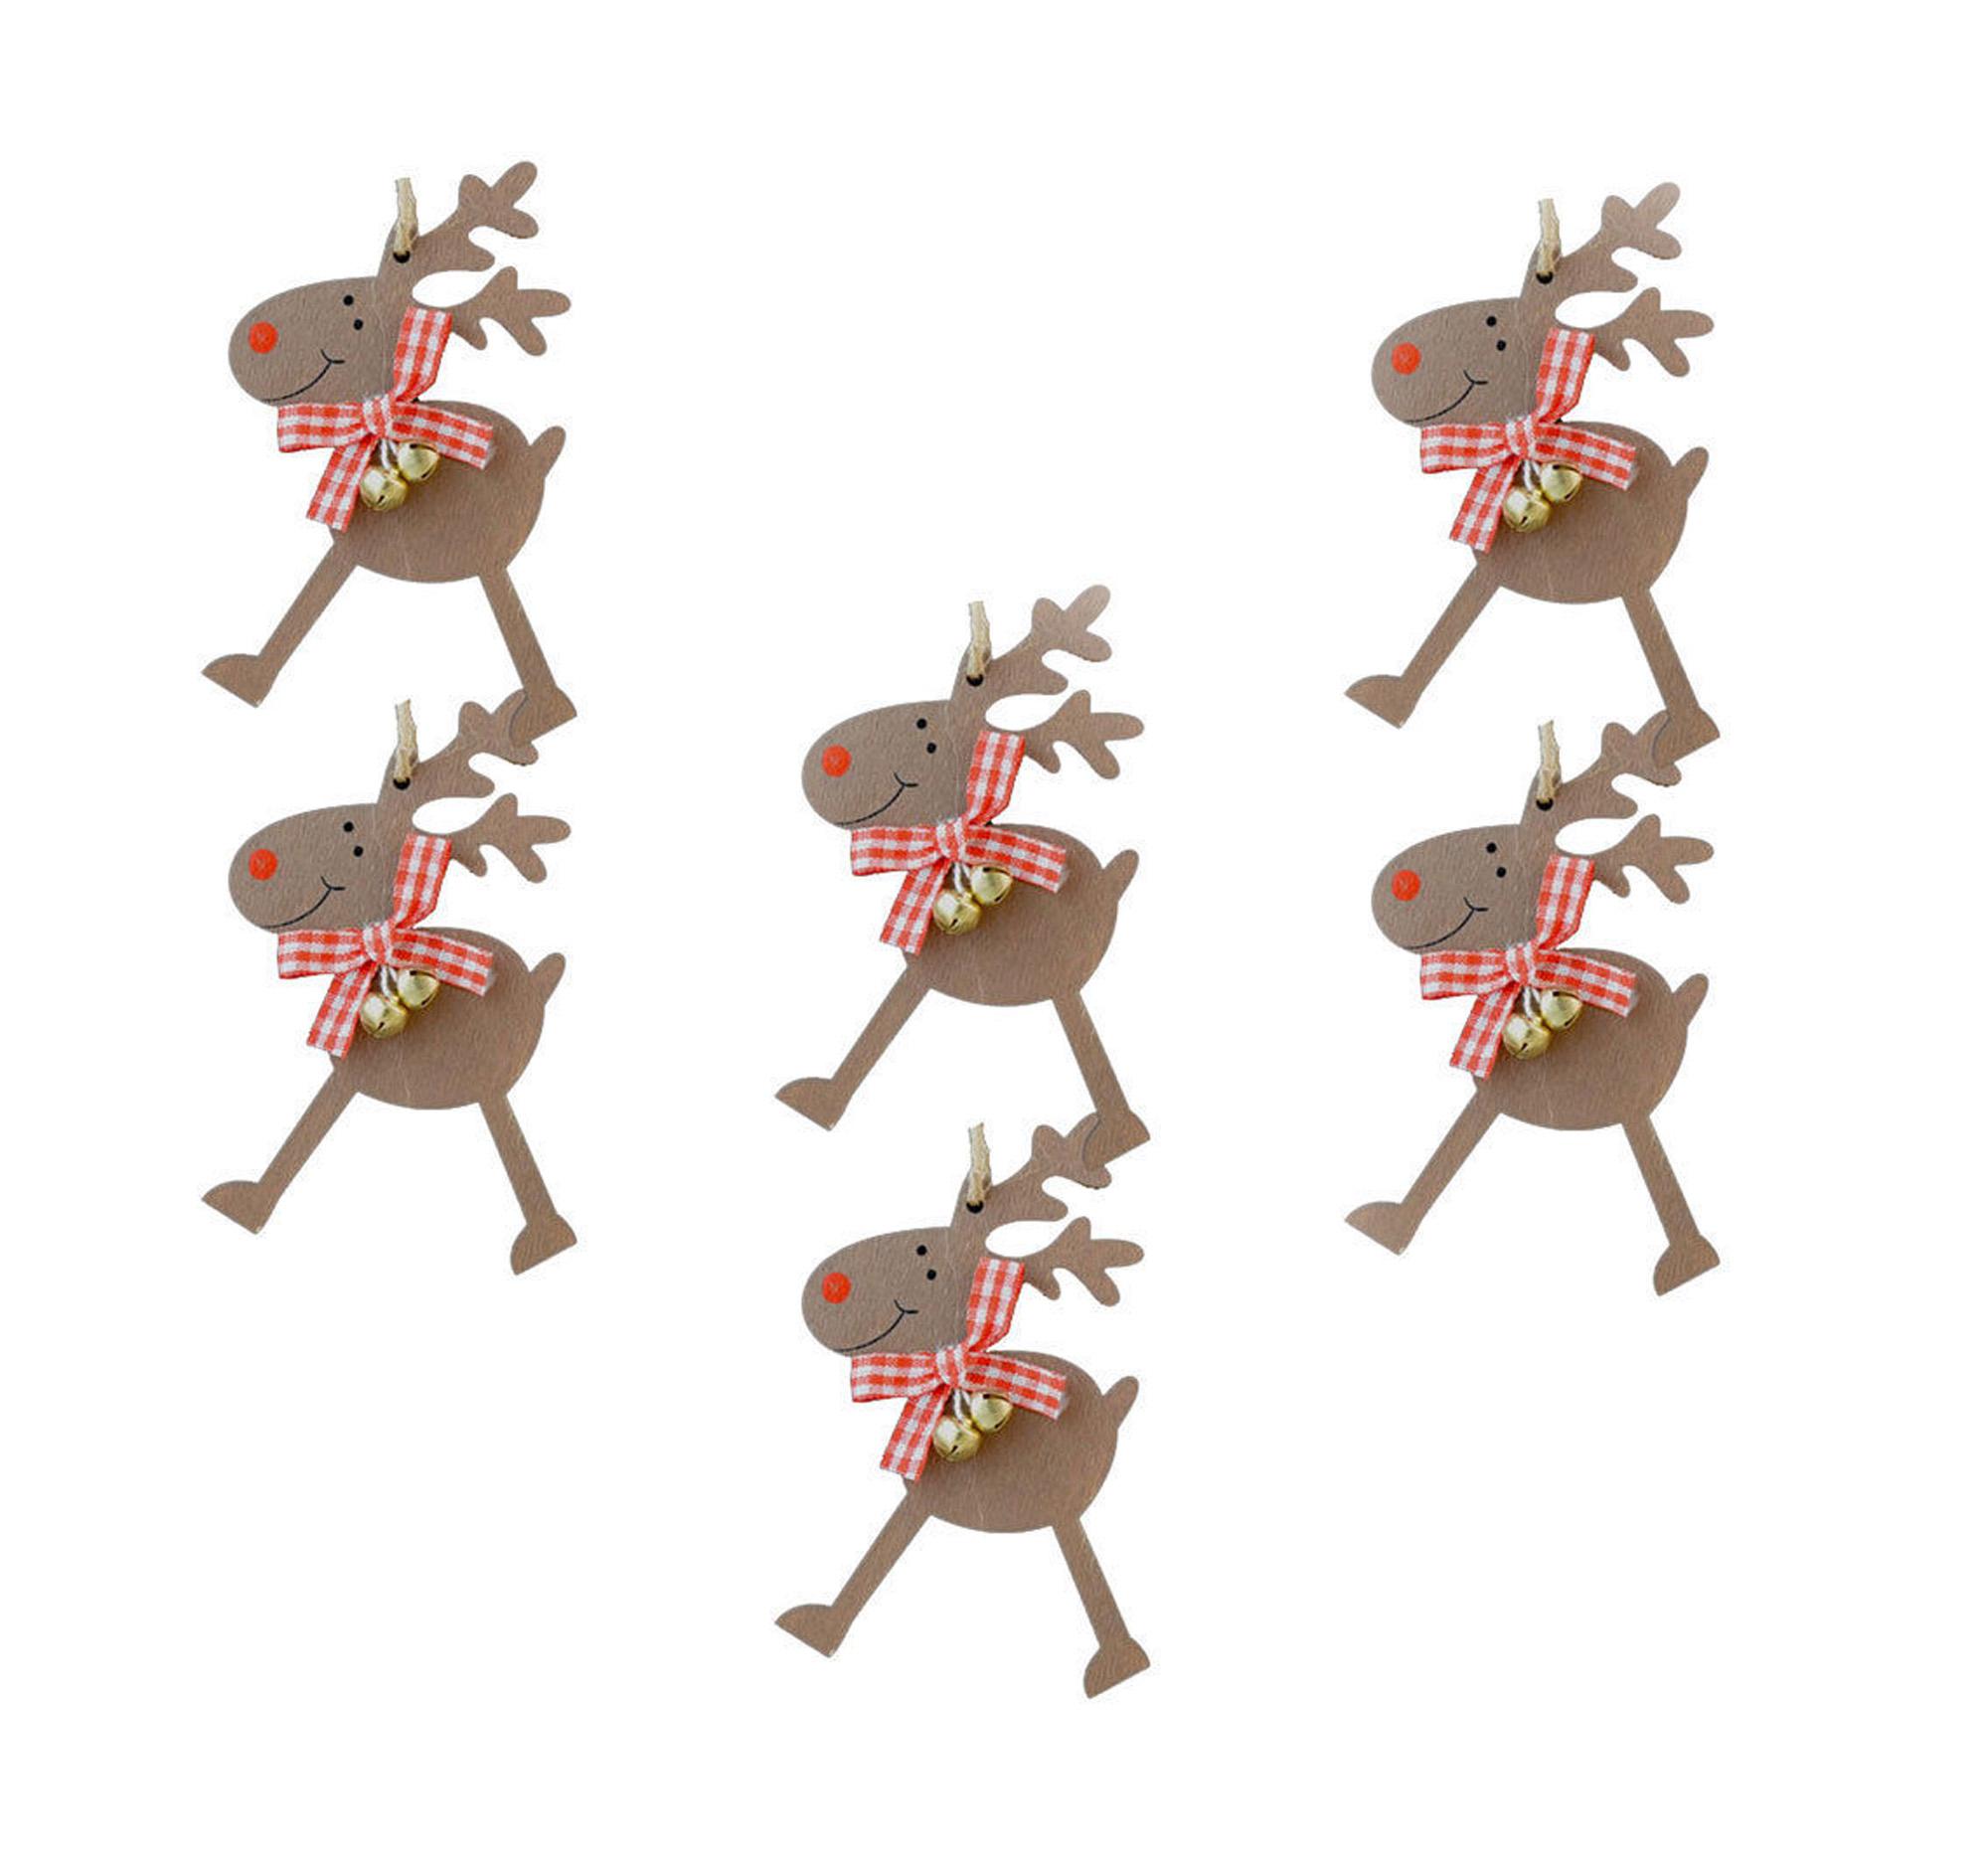 Sapin De Noel Suspendu En Bois détails sur 6 mignon en bois renne suspendu décoration sapin de noël ruban  col & cloches